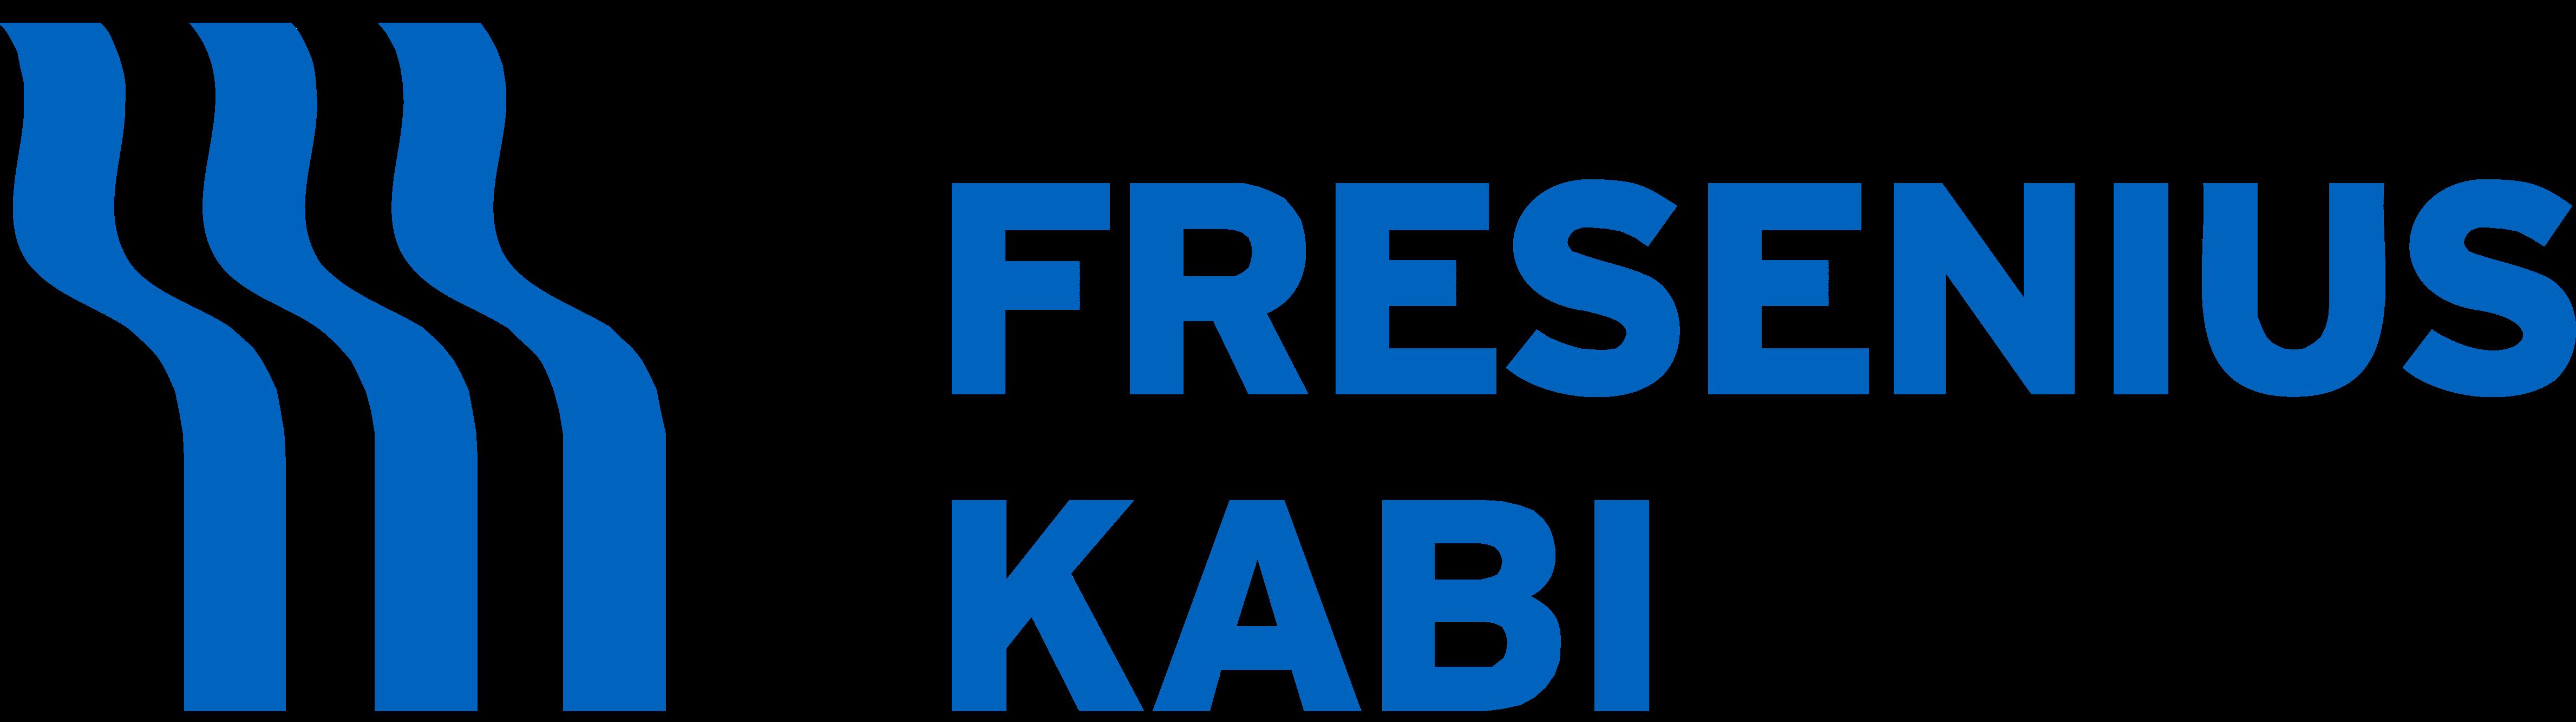 Fresenius Logo PNG - 104908